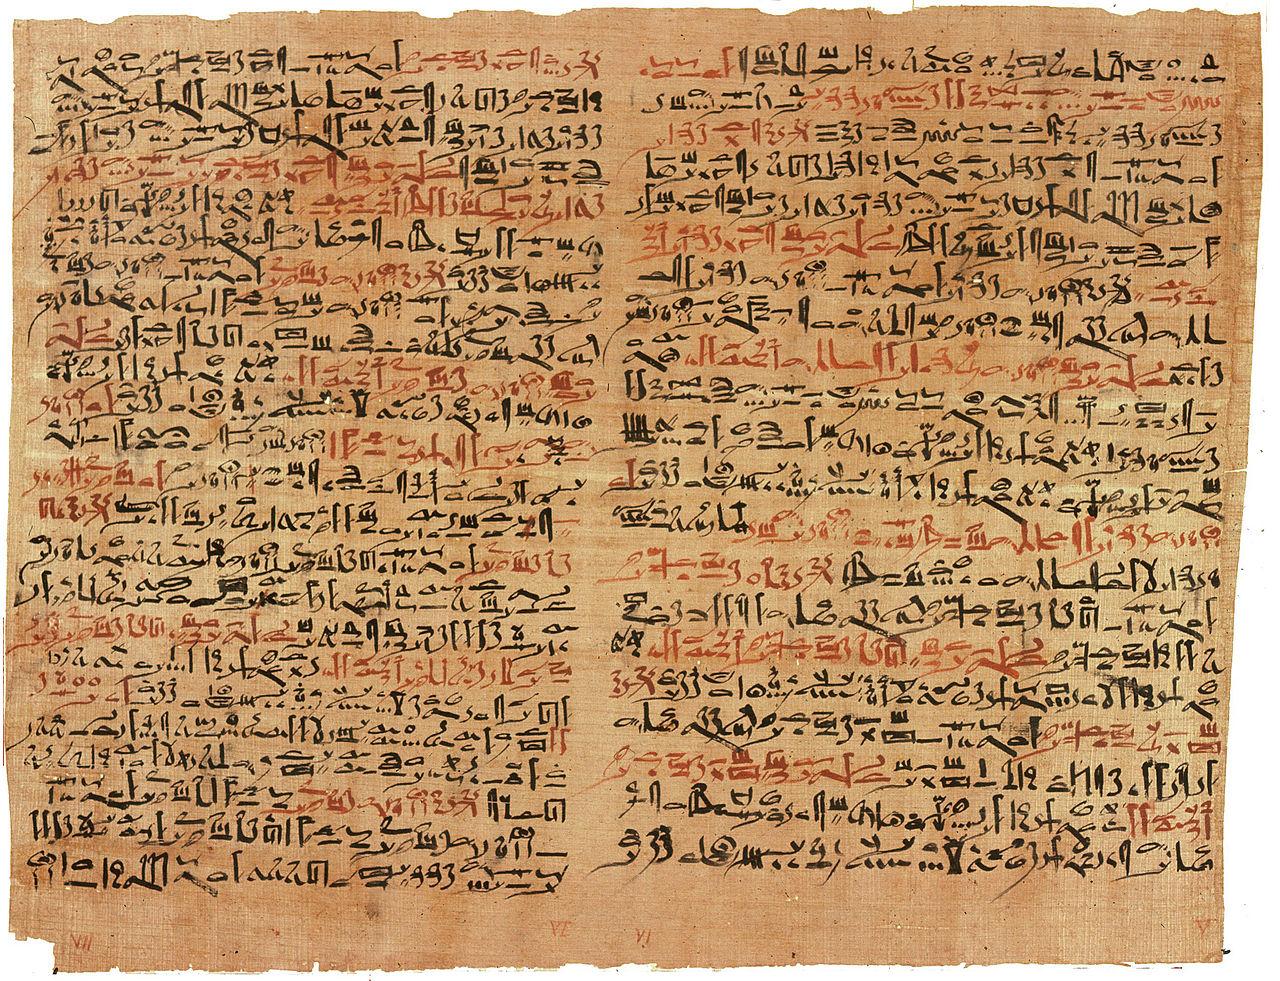 una pagina del Papiro di Ebers